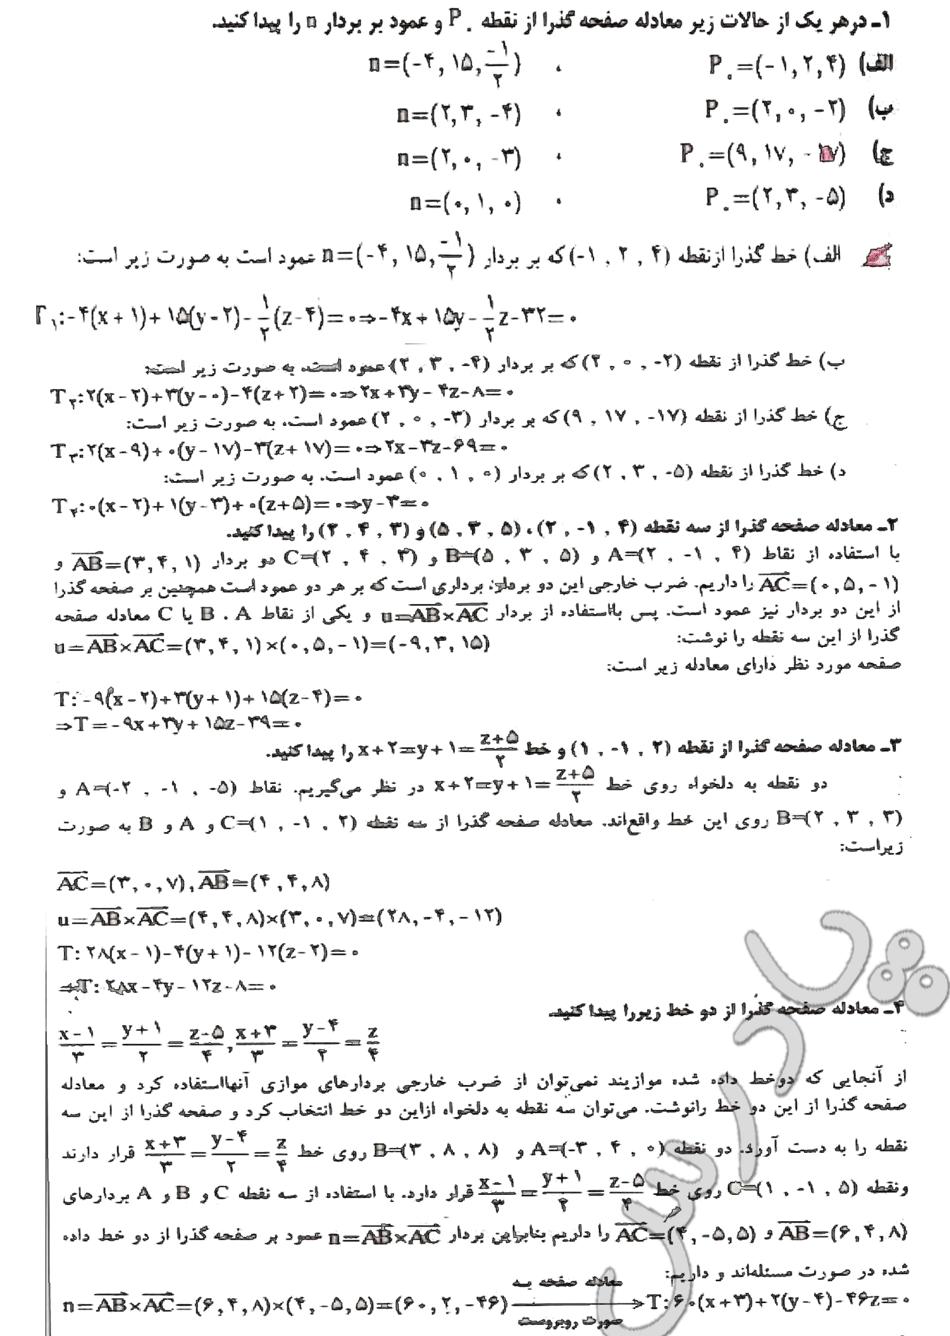 حل تمرین 1 تا 4 صفحه 47 فصل دوم هندسه تحلیلی پیش دانشگاهی